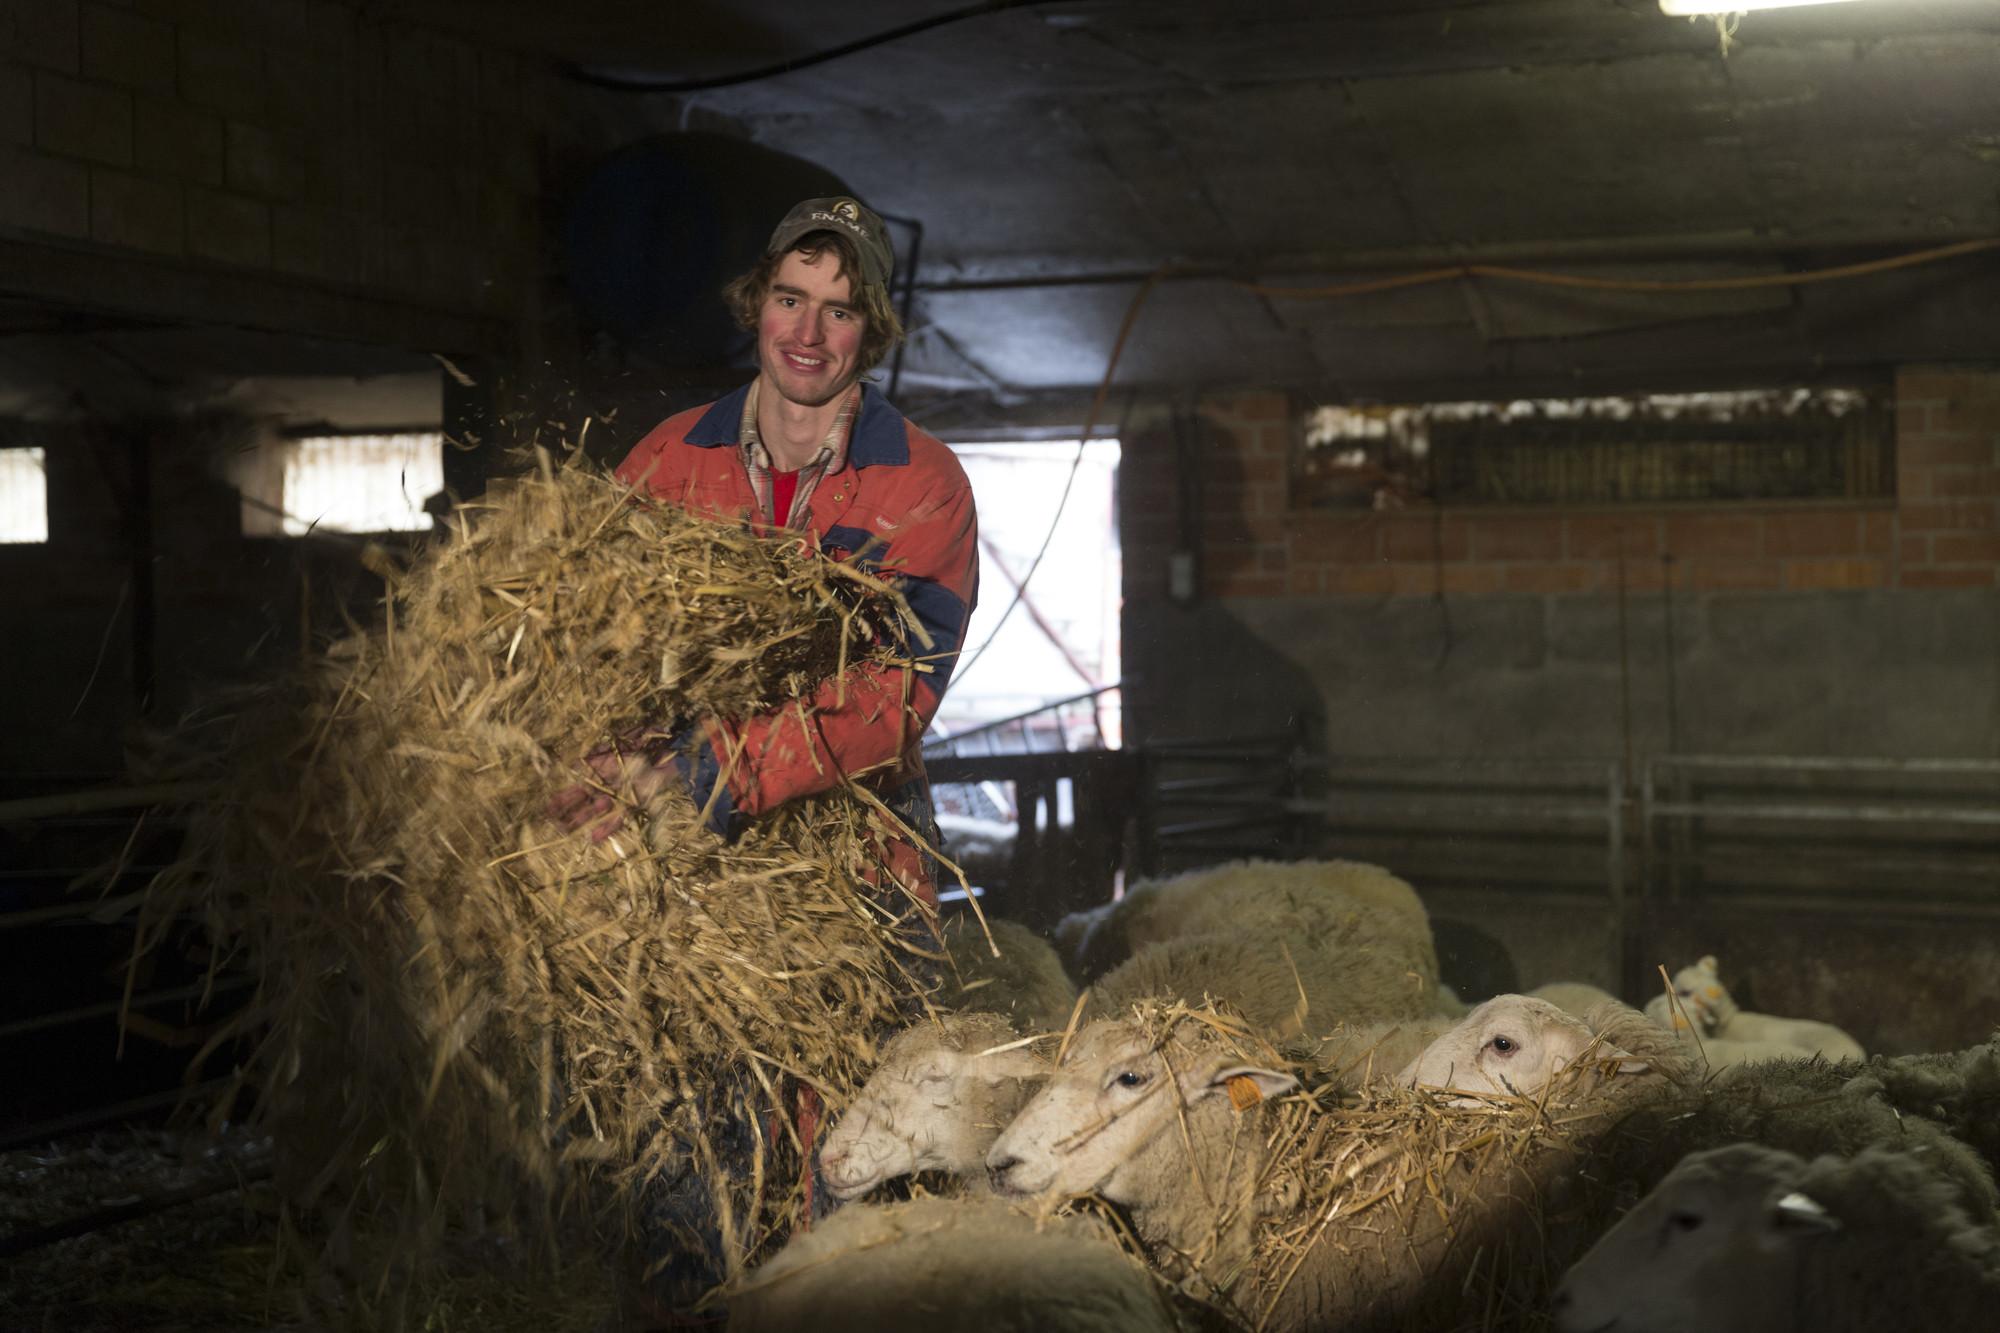 Frank Toussaint bij bioboerderij De Zwaluw bioboer bio mijn natuur